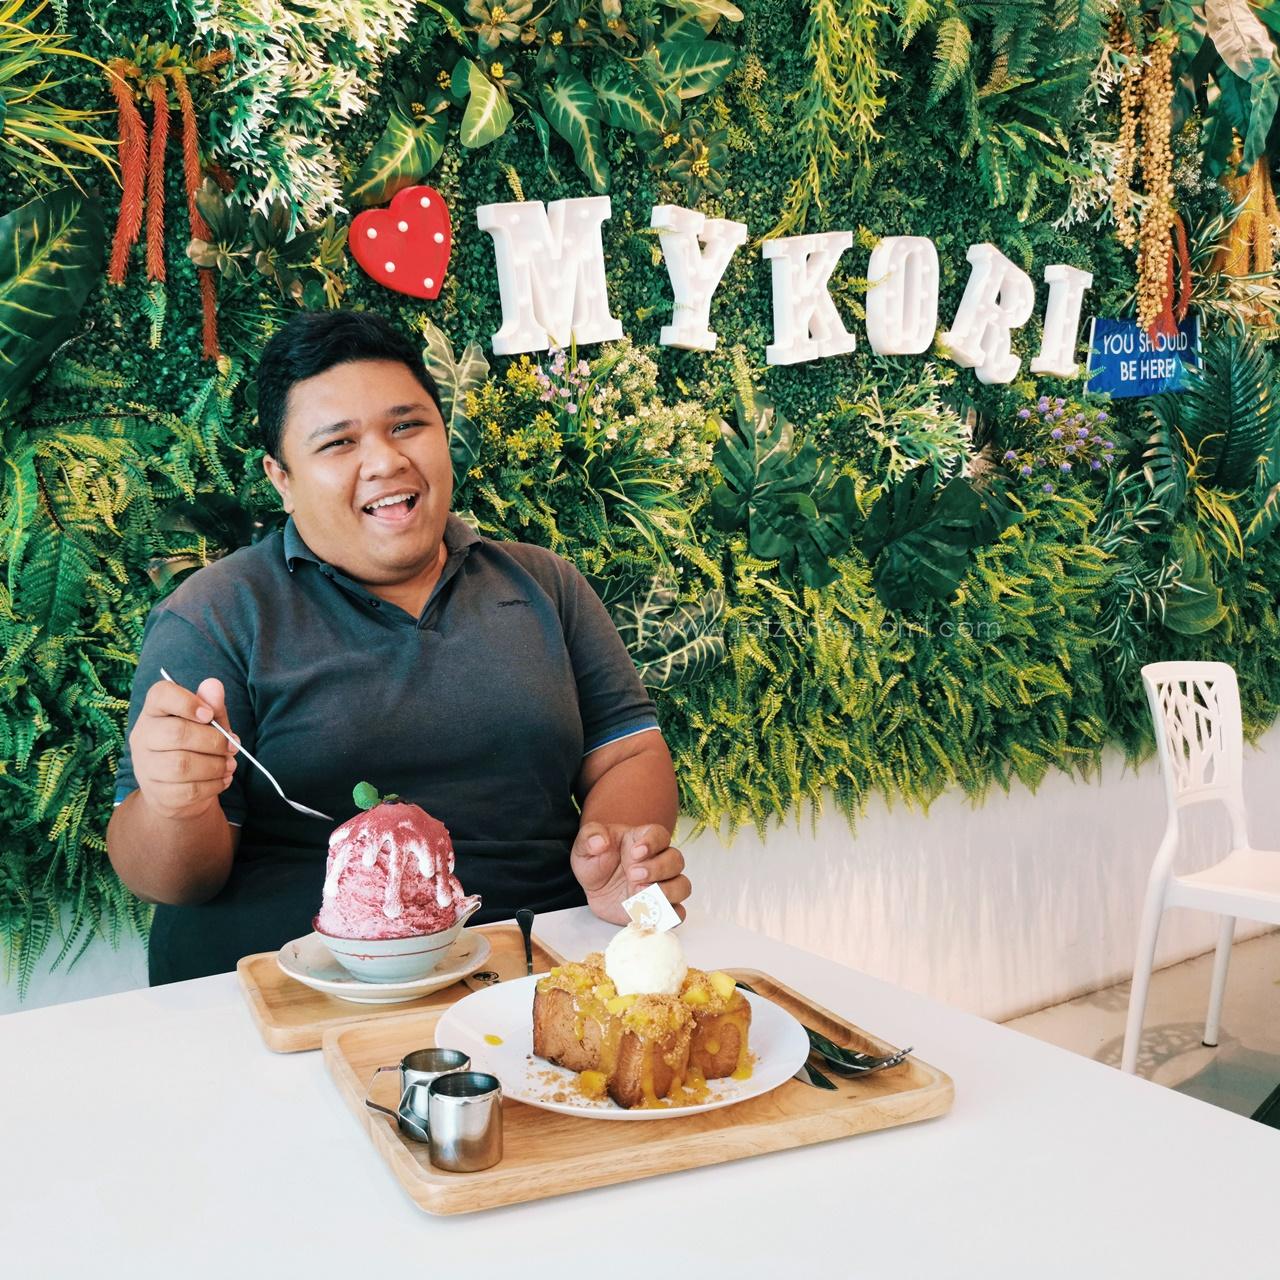 Mykōri Dessert Café - Mykori Dessert Cafe